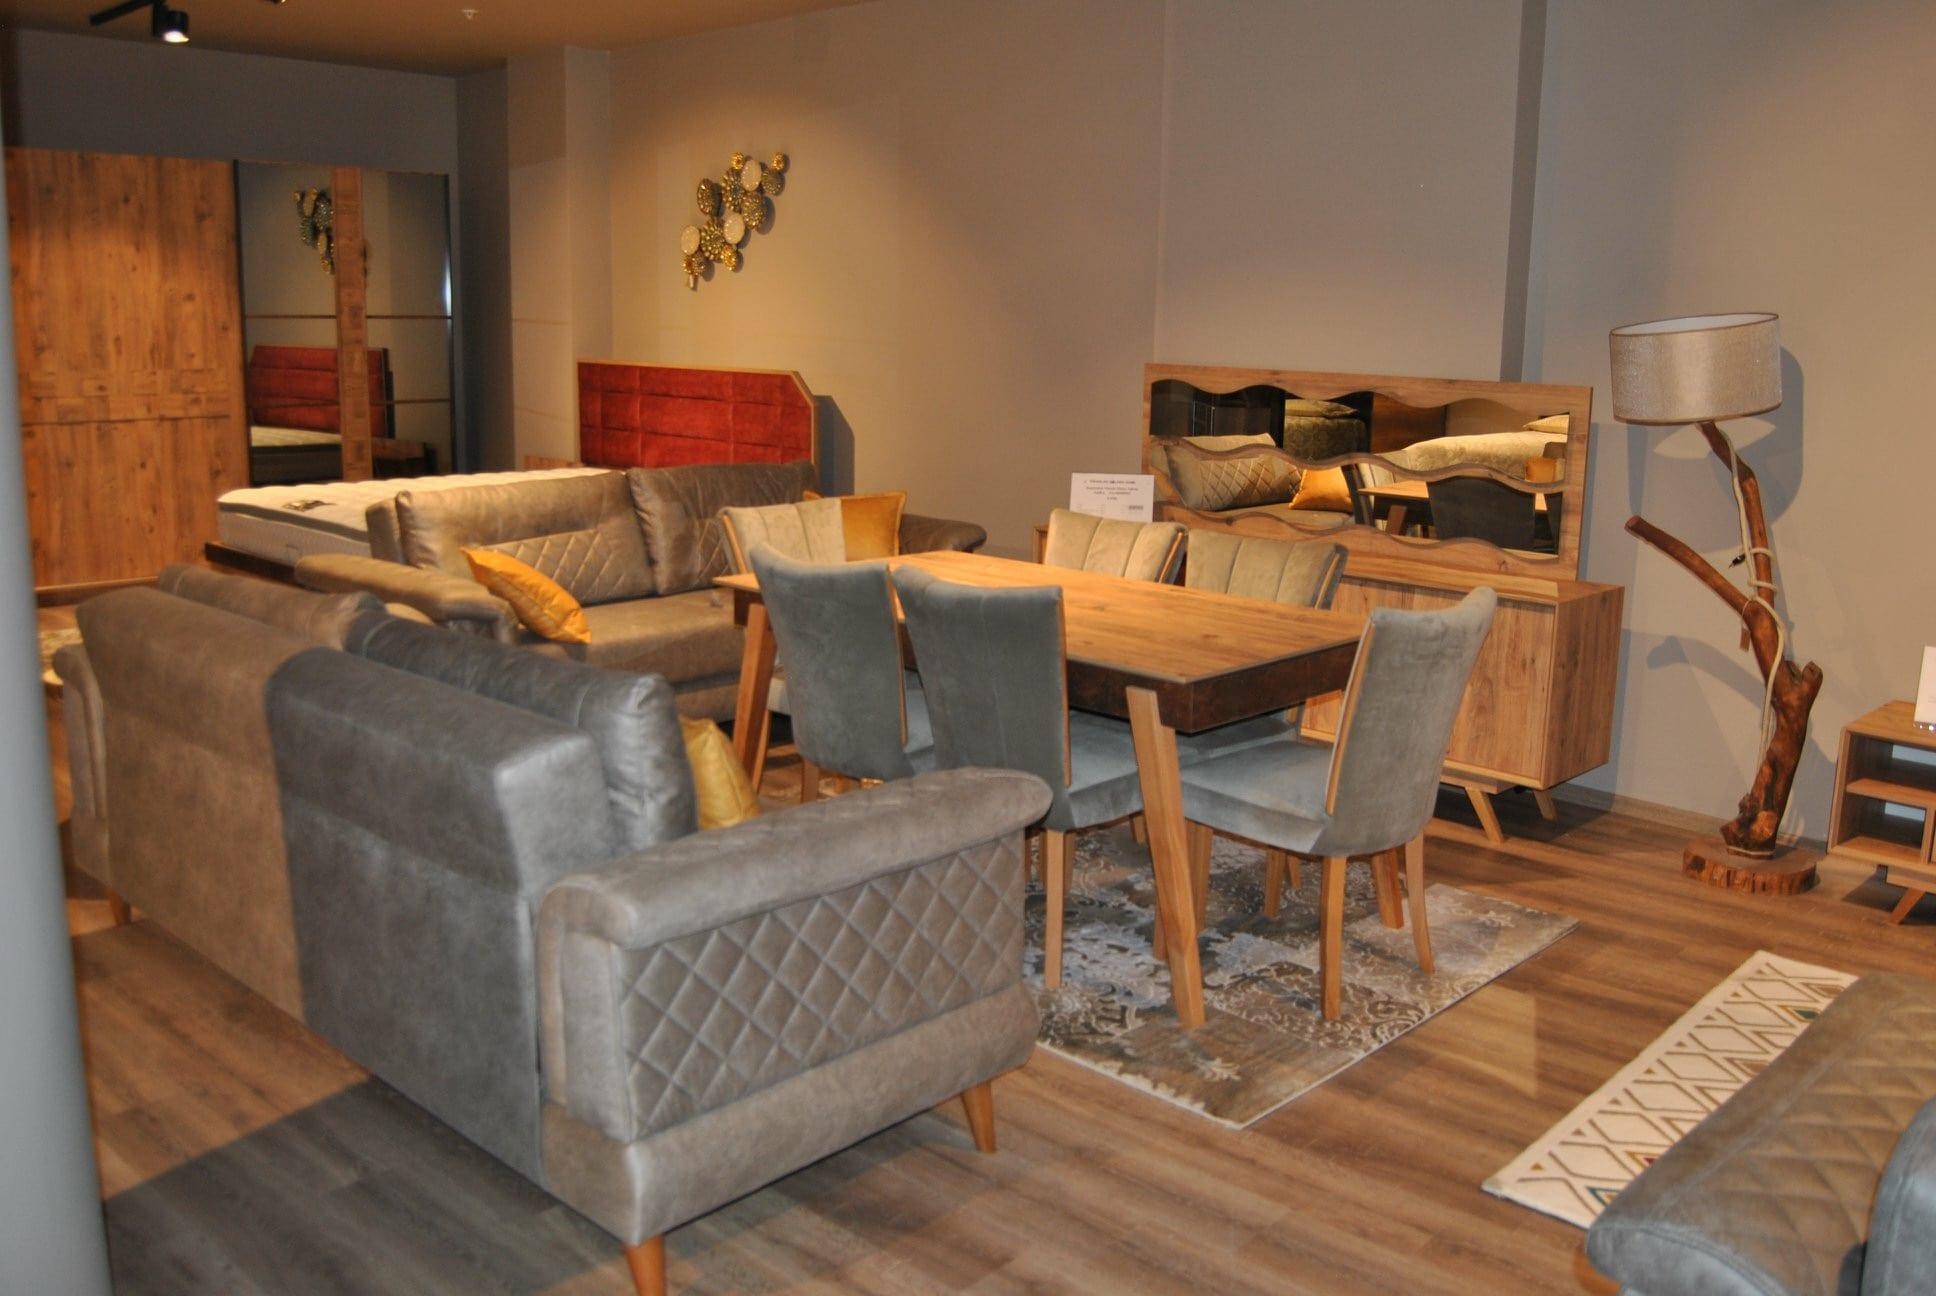 Gebze küçük salon tasarımı piranlar golden home